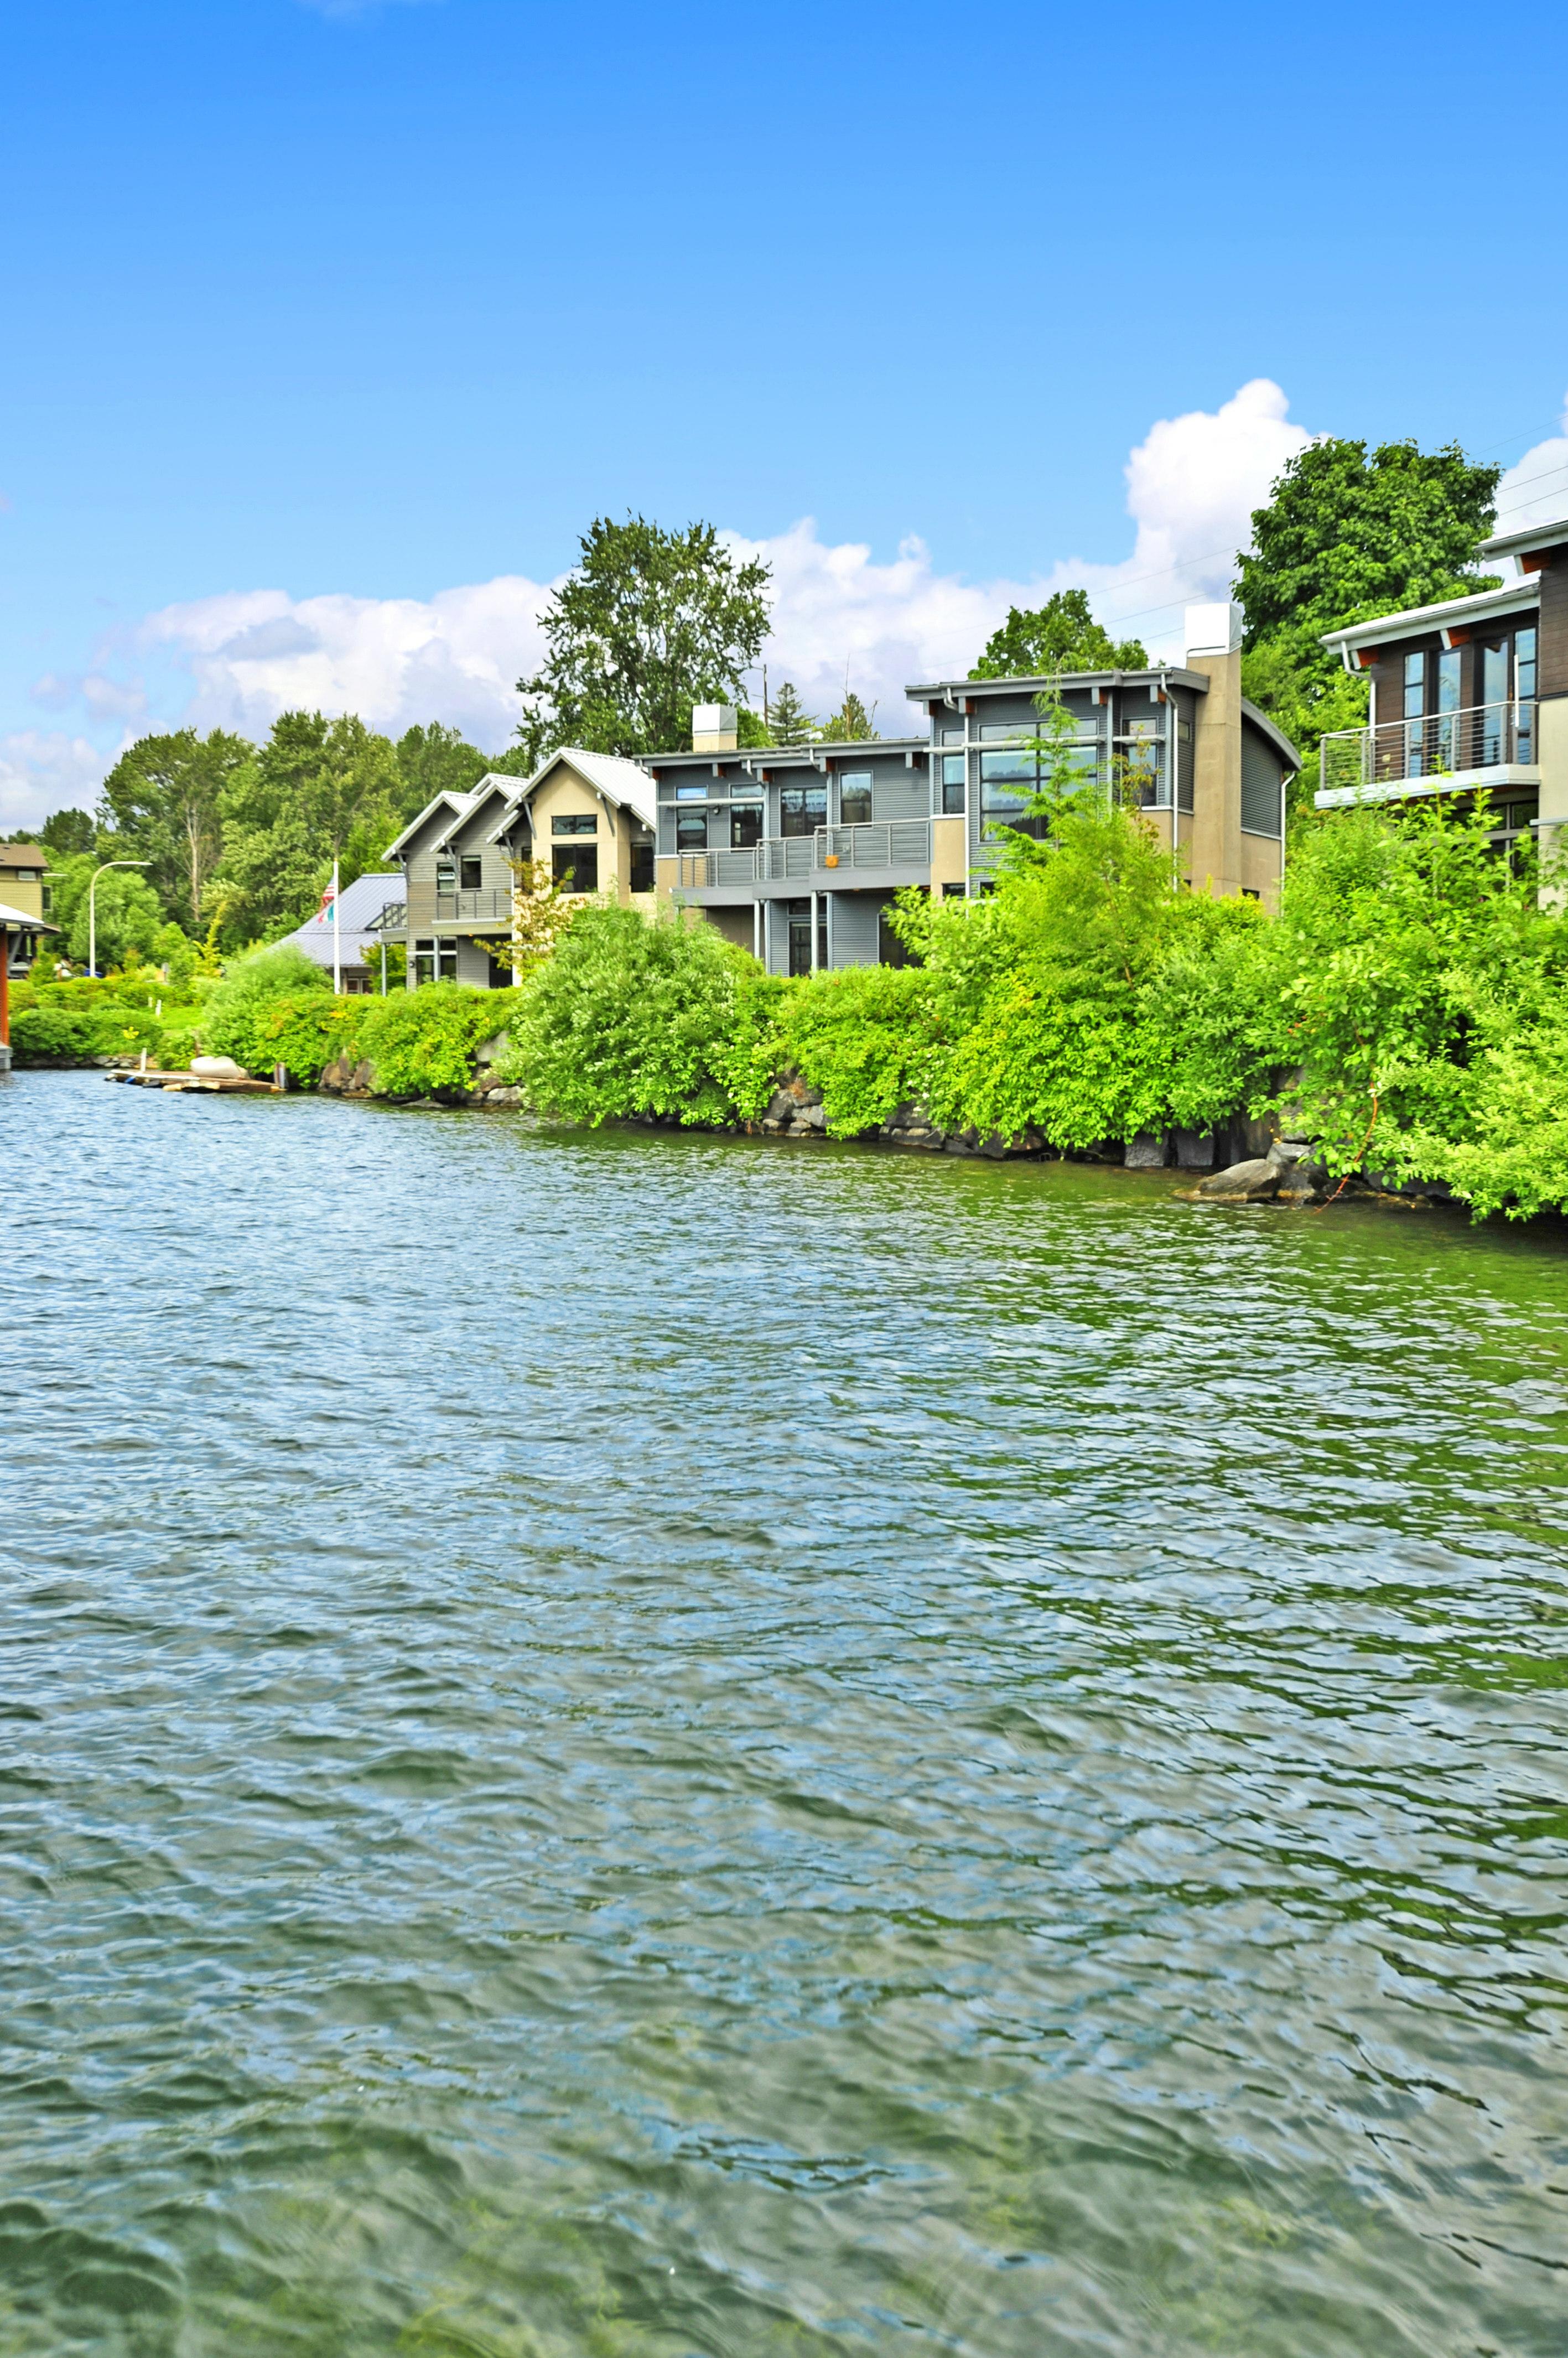 3907 Lake Washington Blvd N, Renton, WA - USA (photo 2)